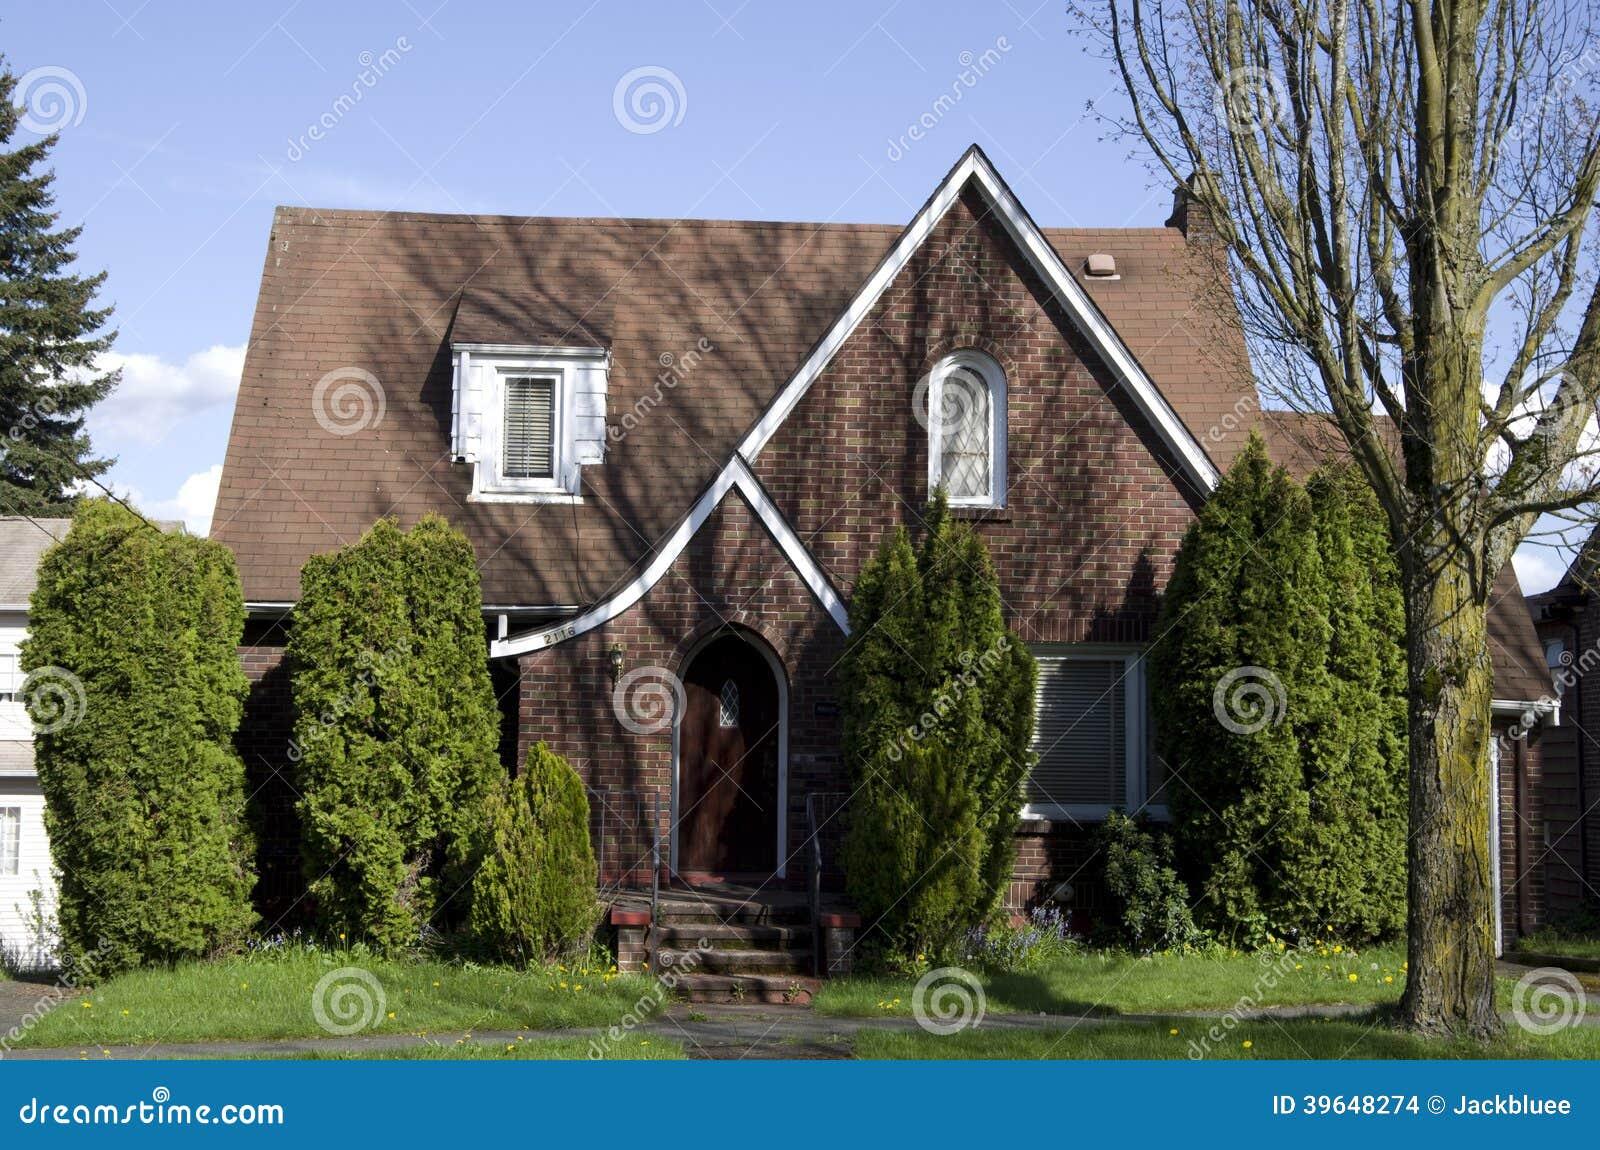 Amerikanisches altes backsteinhaus stockfoto bild von gardening klein 39648274 - Small belgian houses brick ...